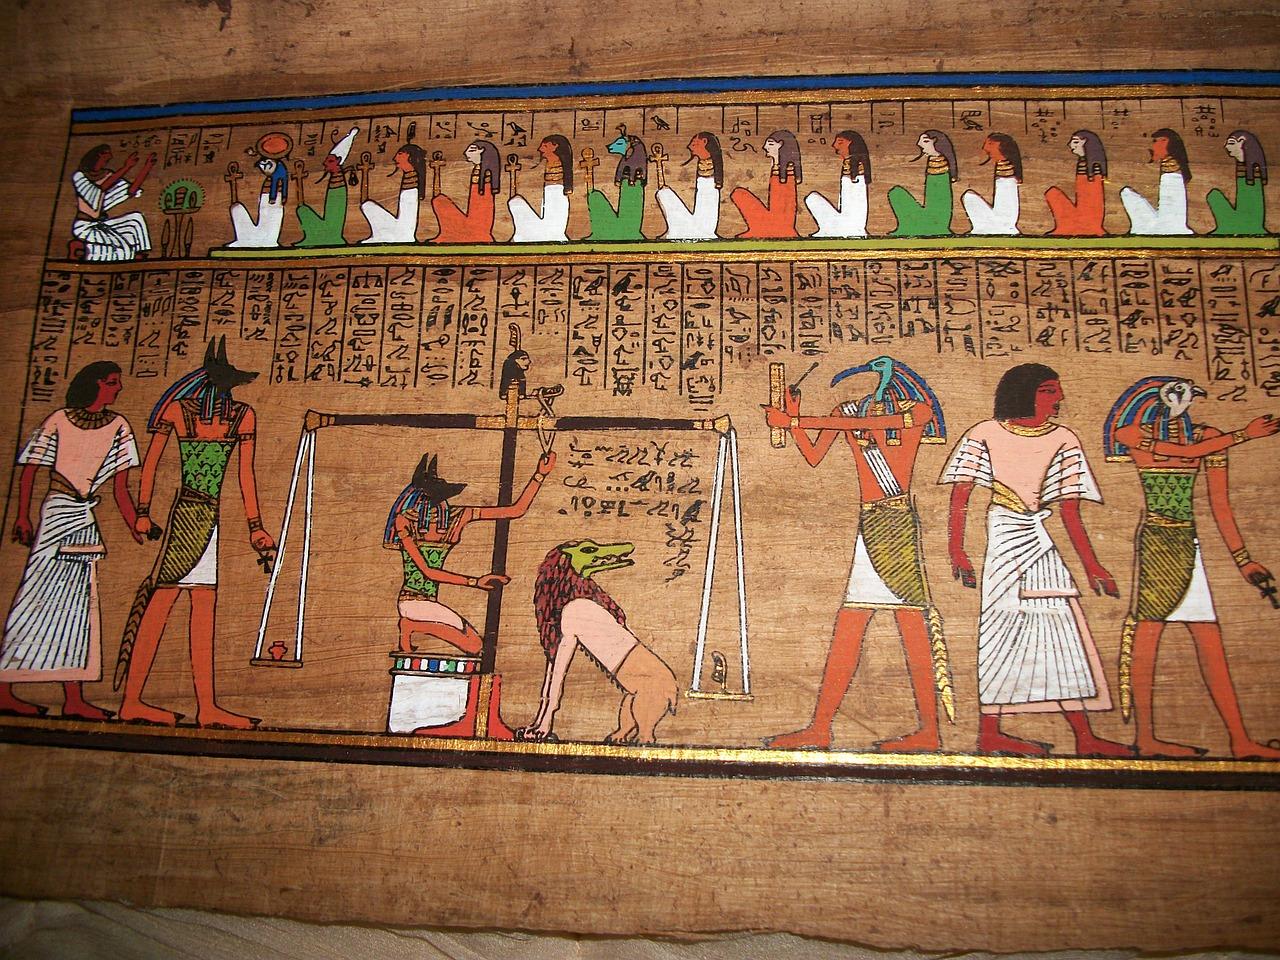 egypt-640875_1280.jpg